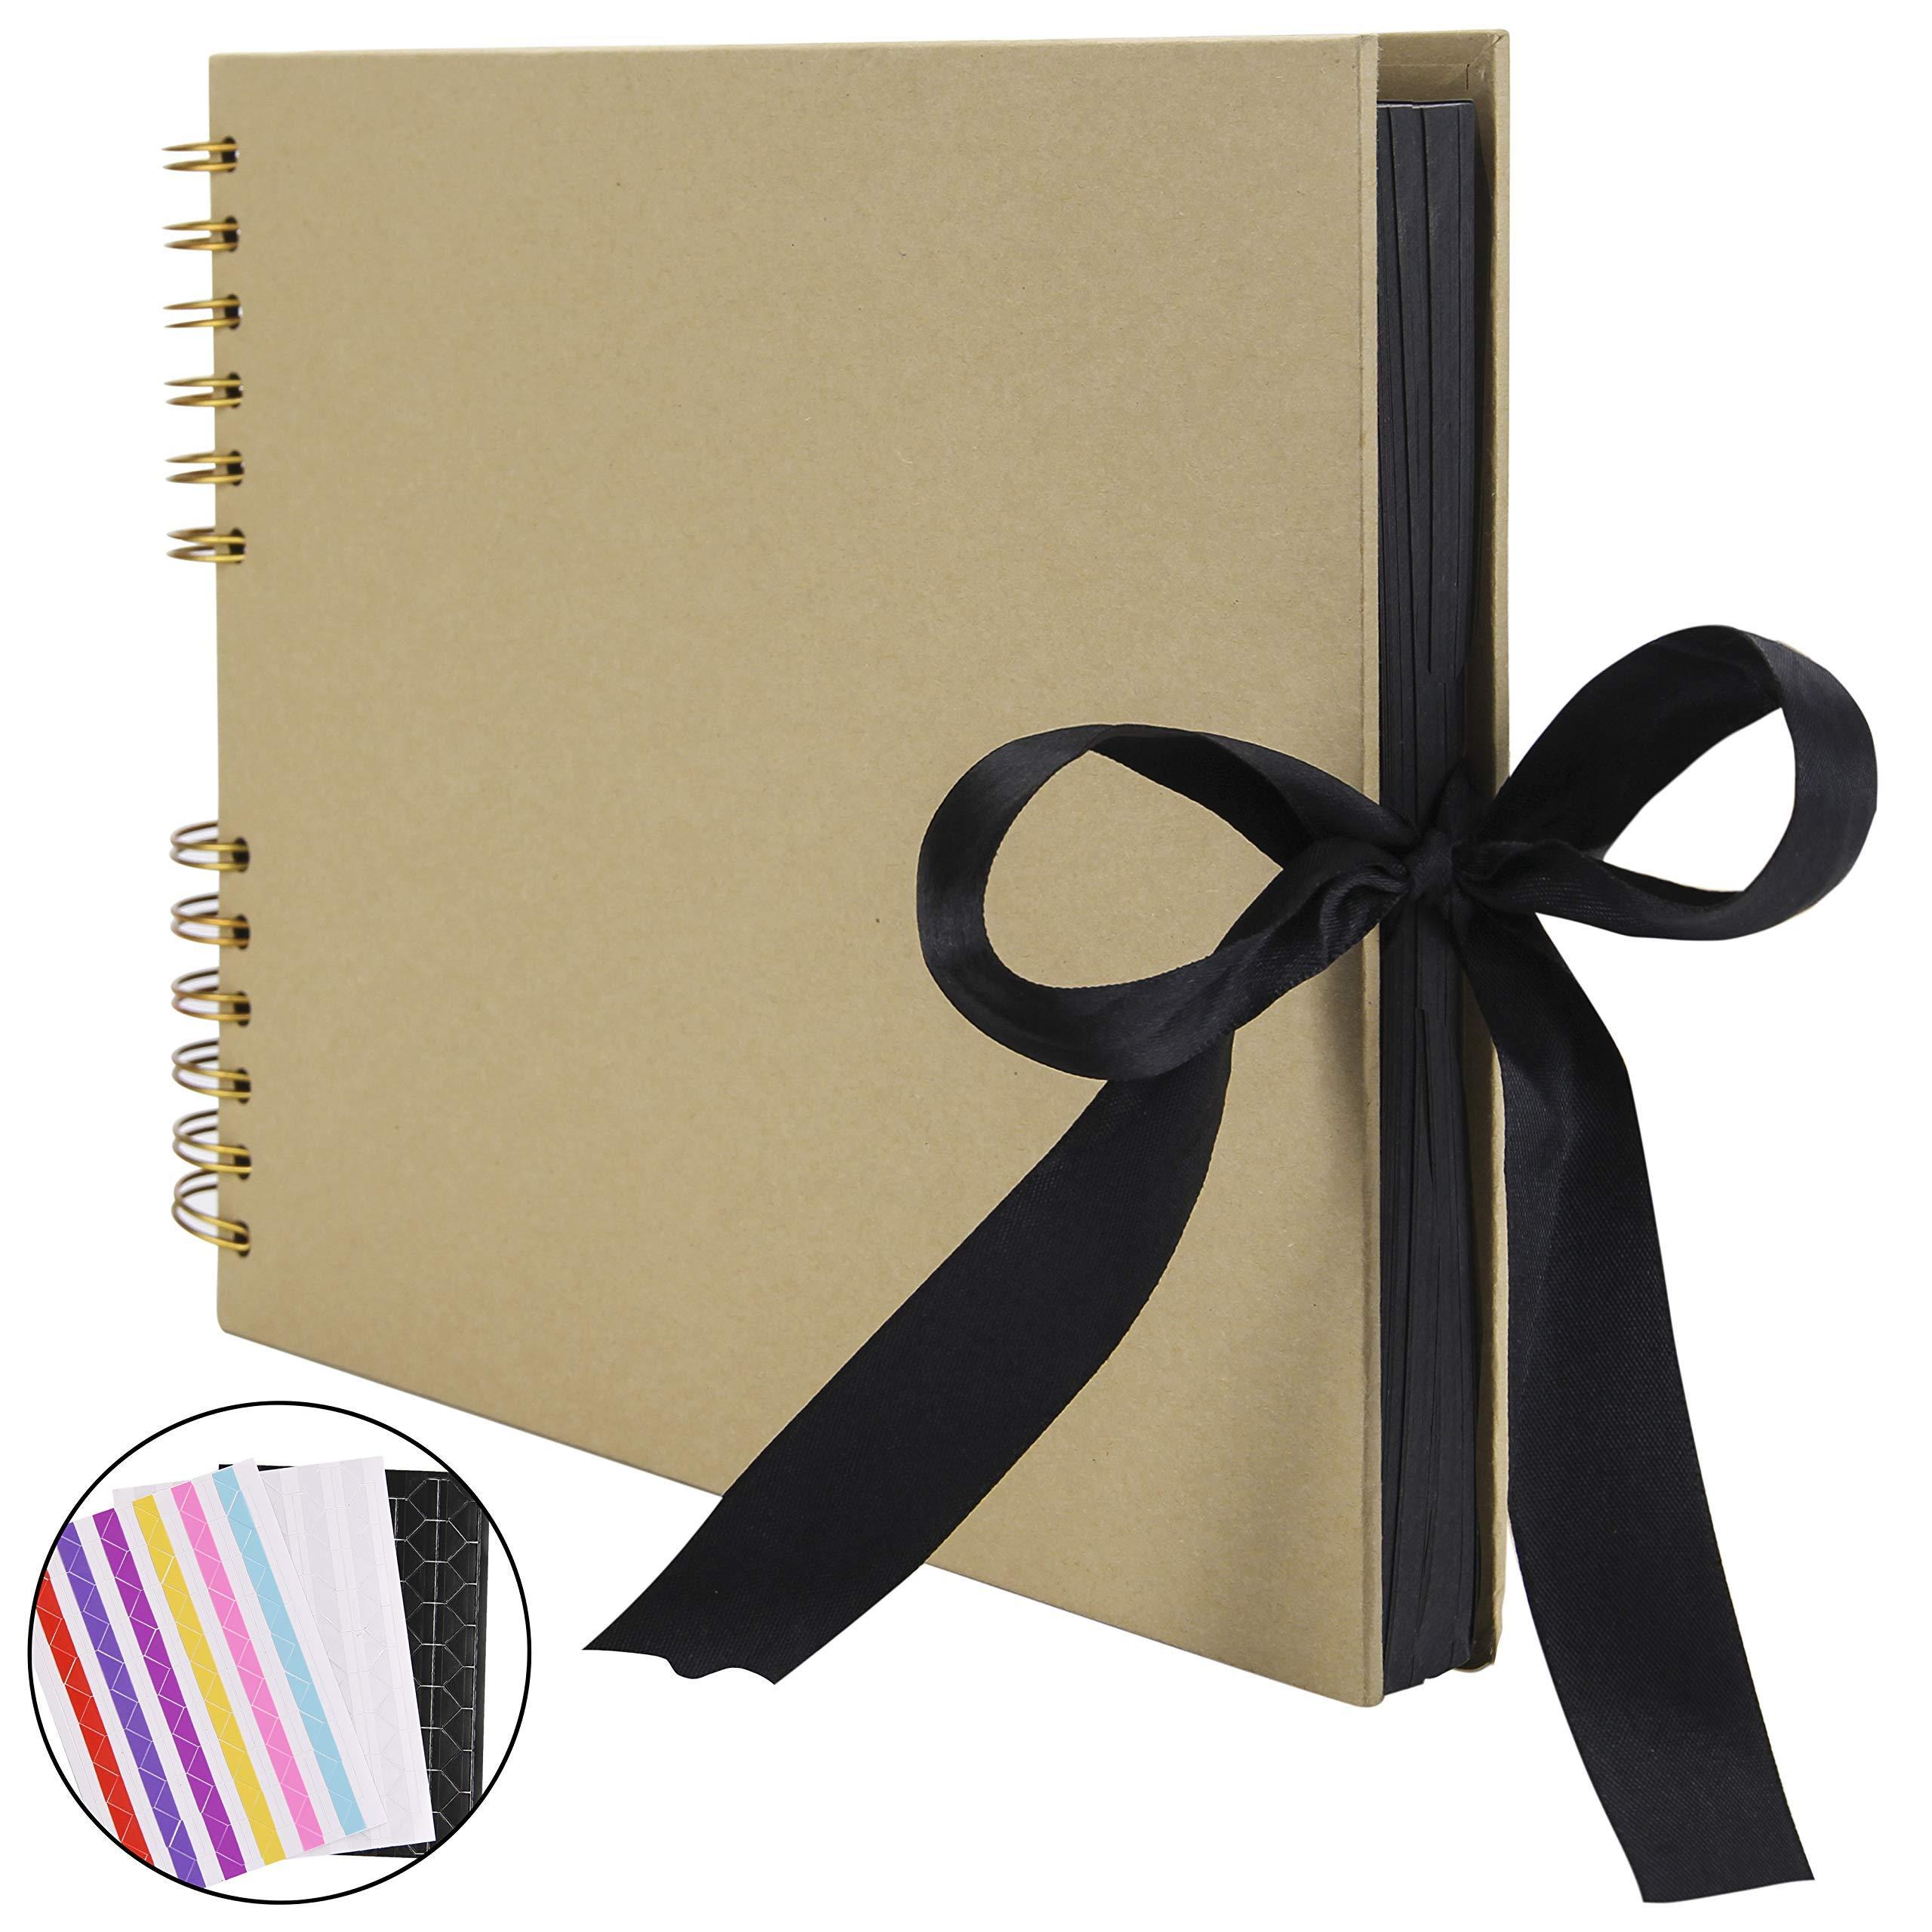 RECUTMS Álbum de Fotos para álbum de Recortes, 80 páginas, DIY Papel para Manualidades, 31,75 x 20,32 cm, para Libro de Invitados, Boda